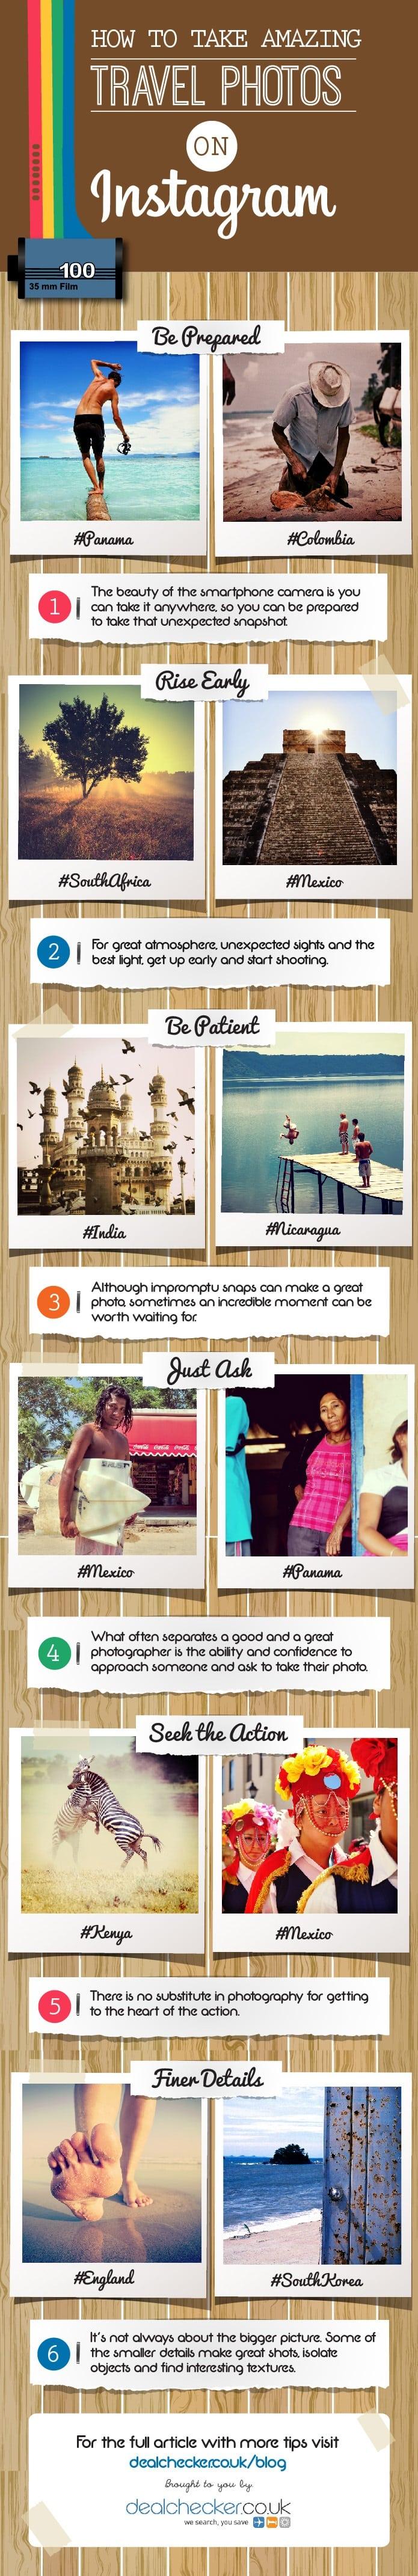 best travel photos on instagram